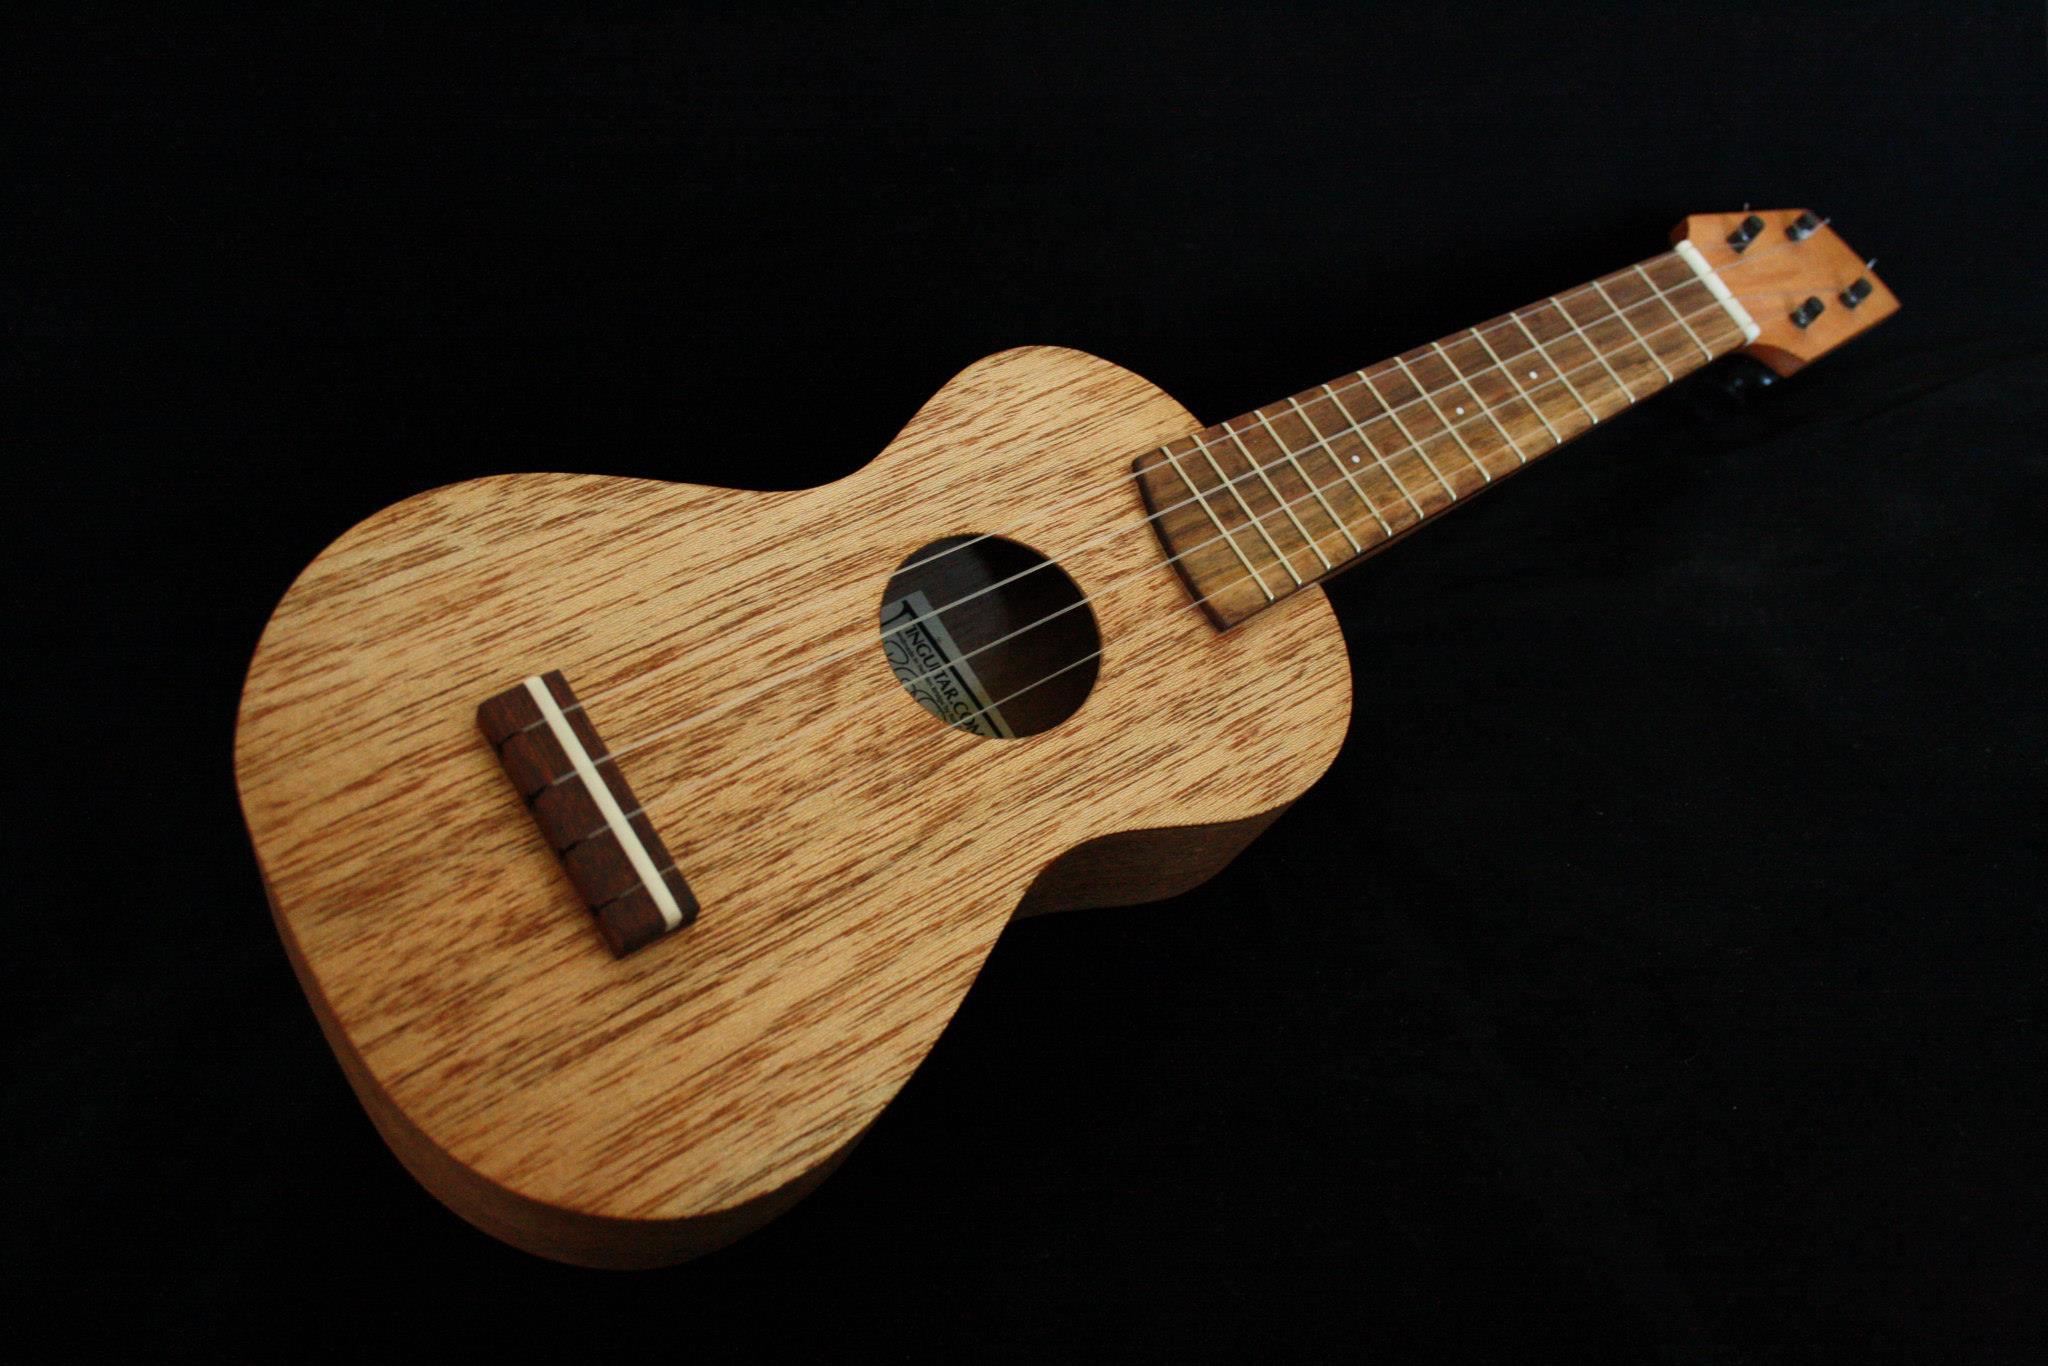 ผลการค้นหารูปภาพสำหรับ meranti wood guitar